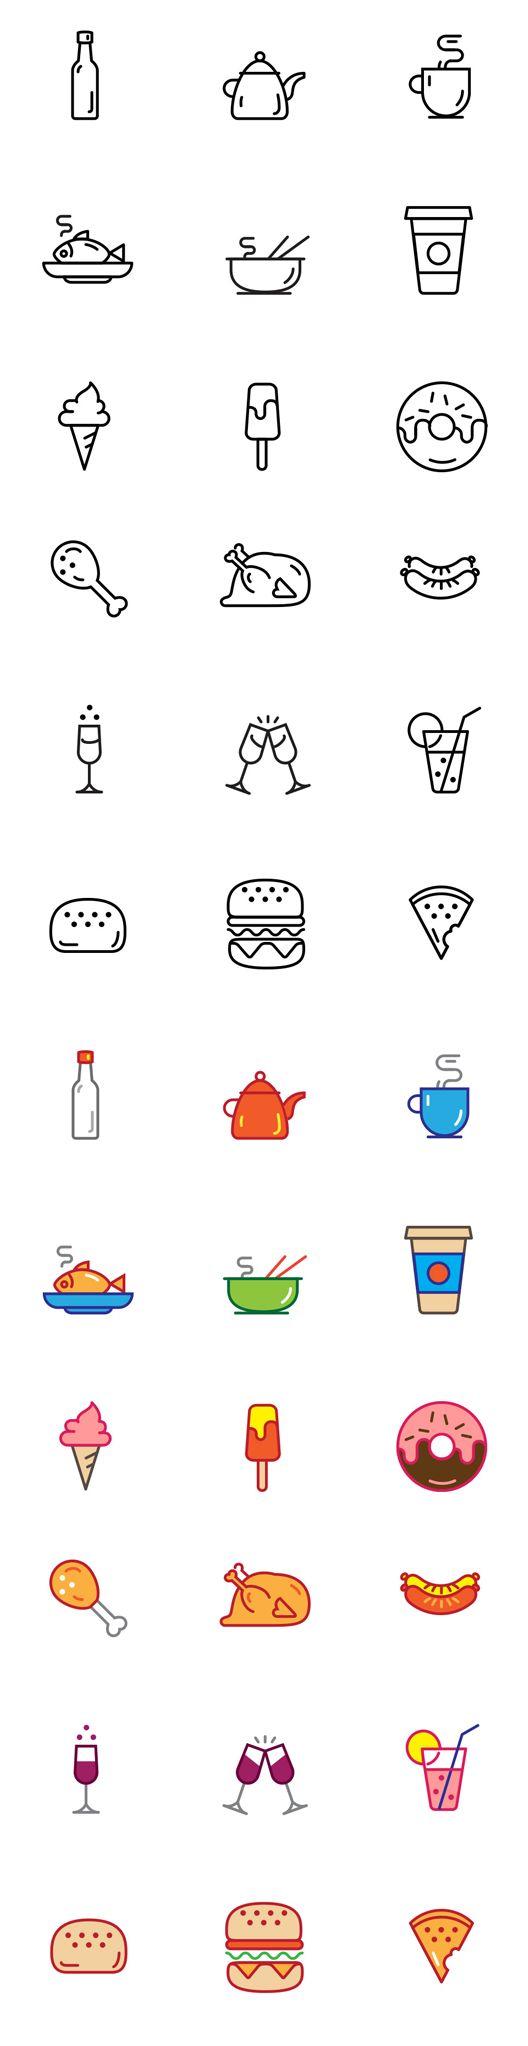 음식 아이콘 18개 .AI